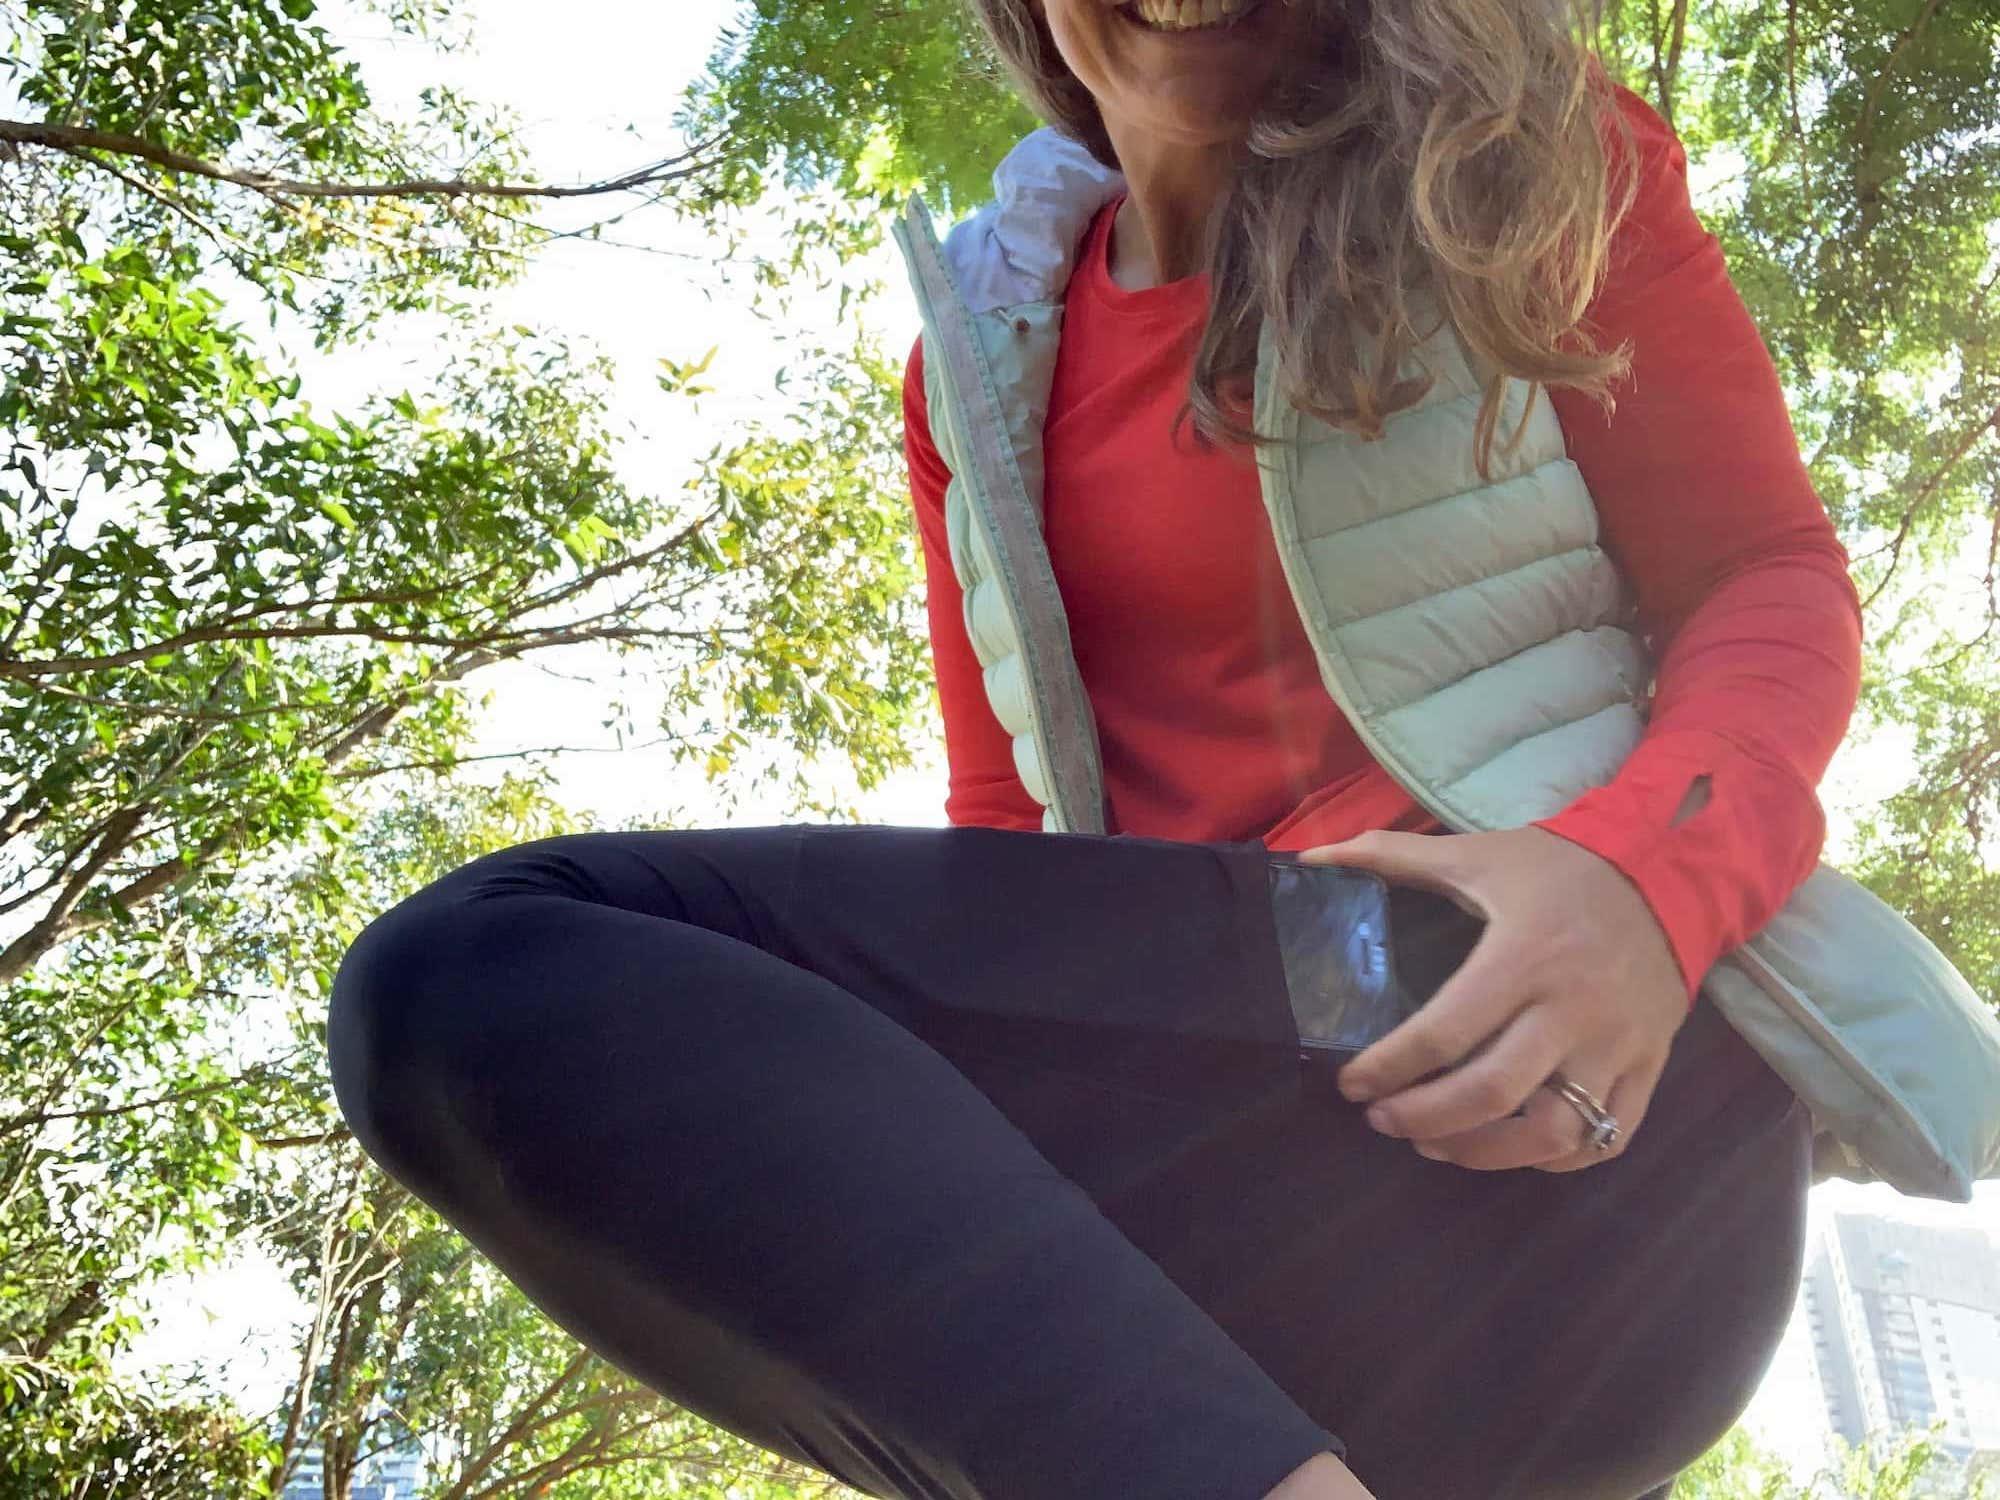 Sarah Josephsen - Arcteryx Oriel Legging Gear Review 4.jpg